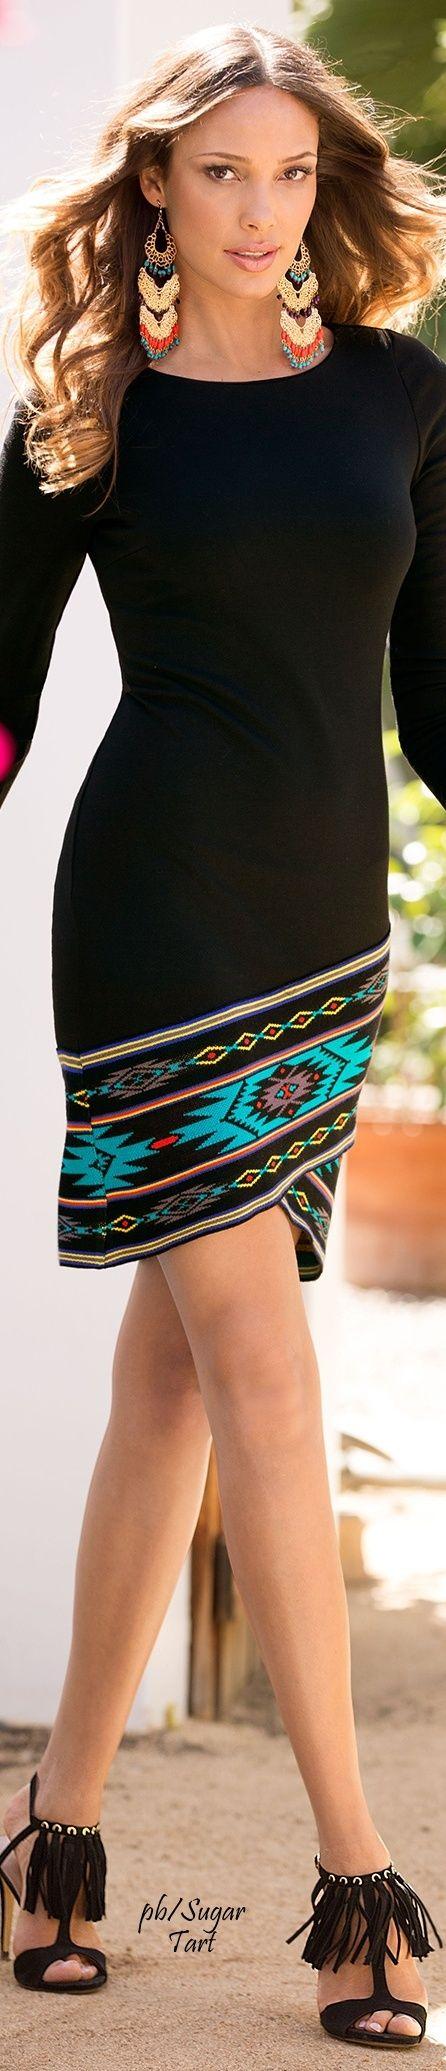 Black Tribal inspired Dress                                                                                                                                                                                 More